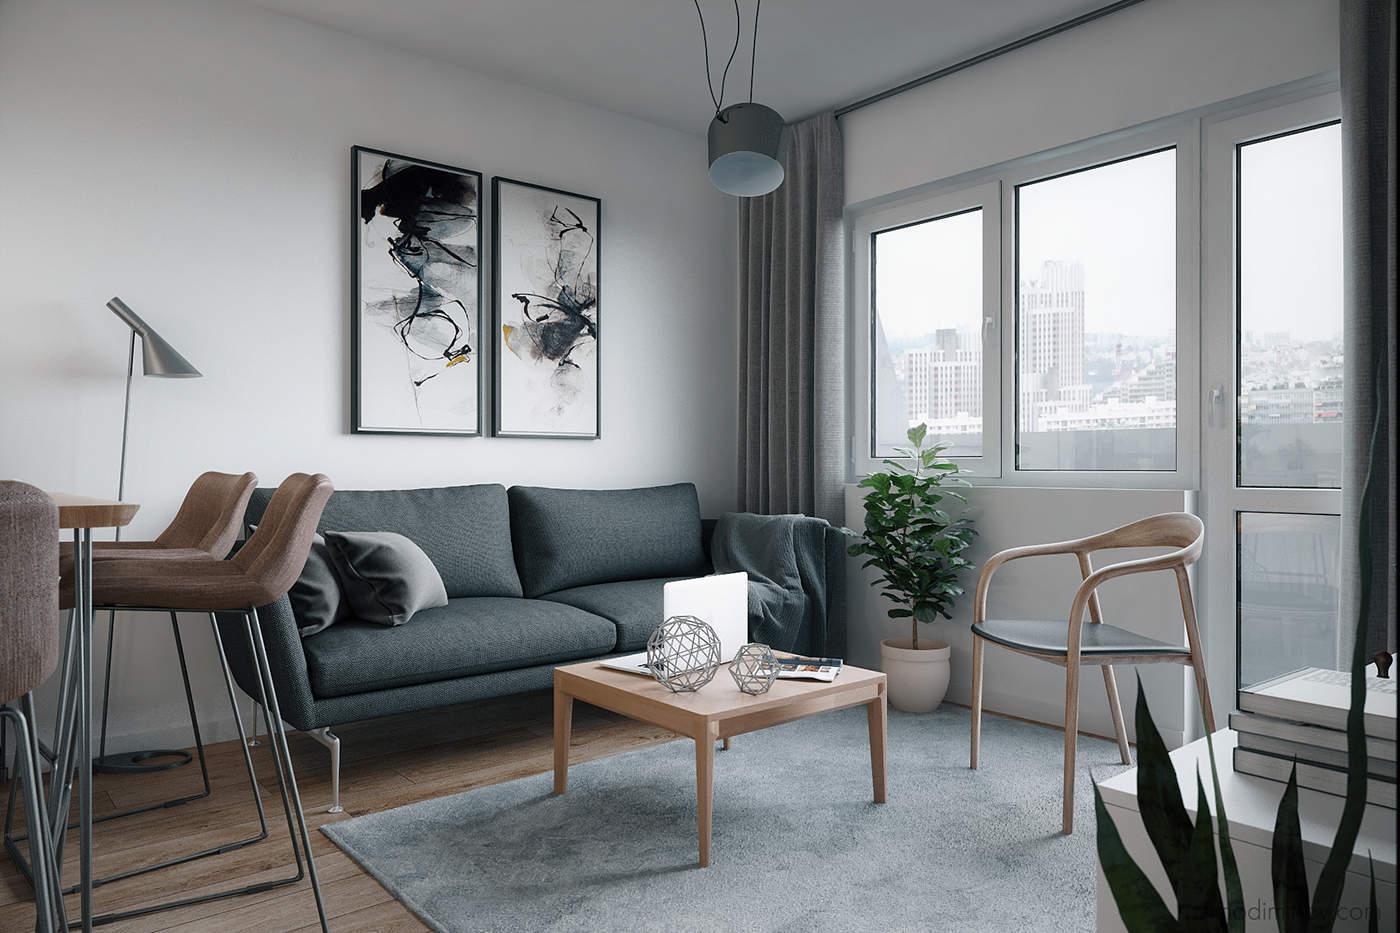 Comment aménager parfaitement un petit appartement ?